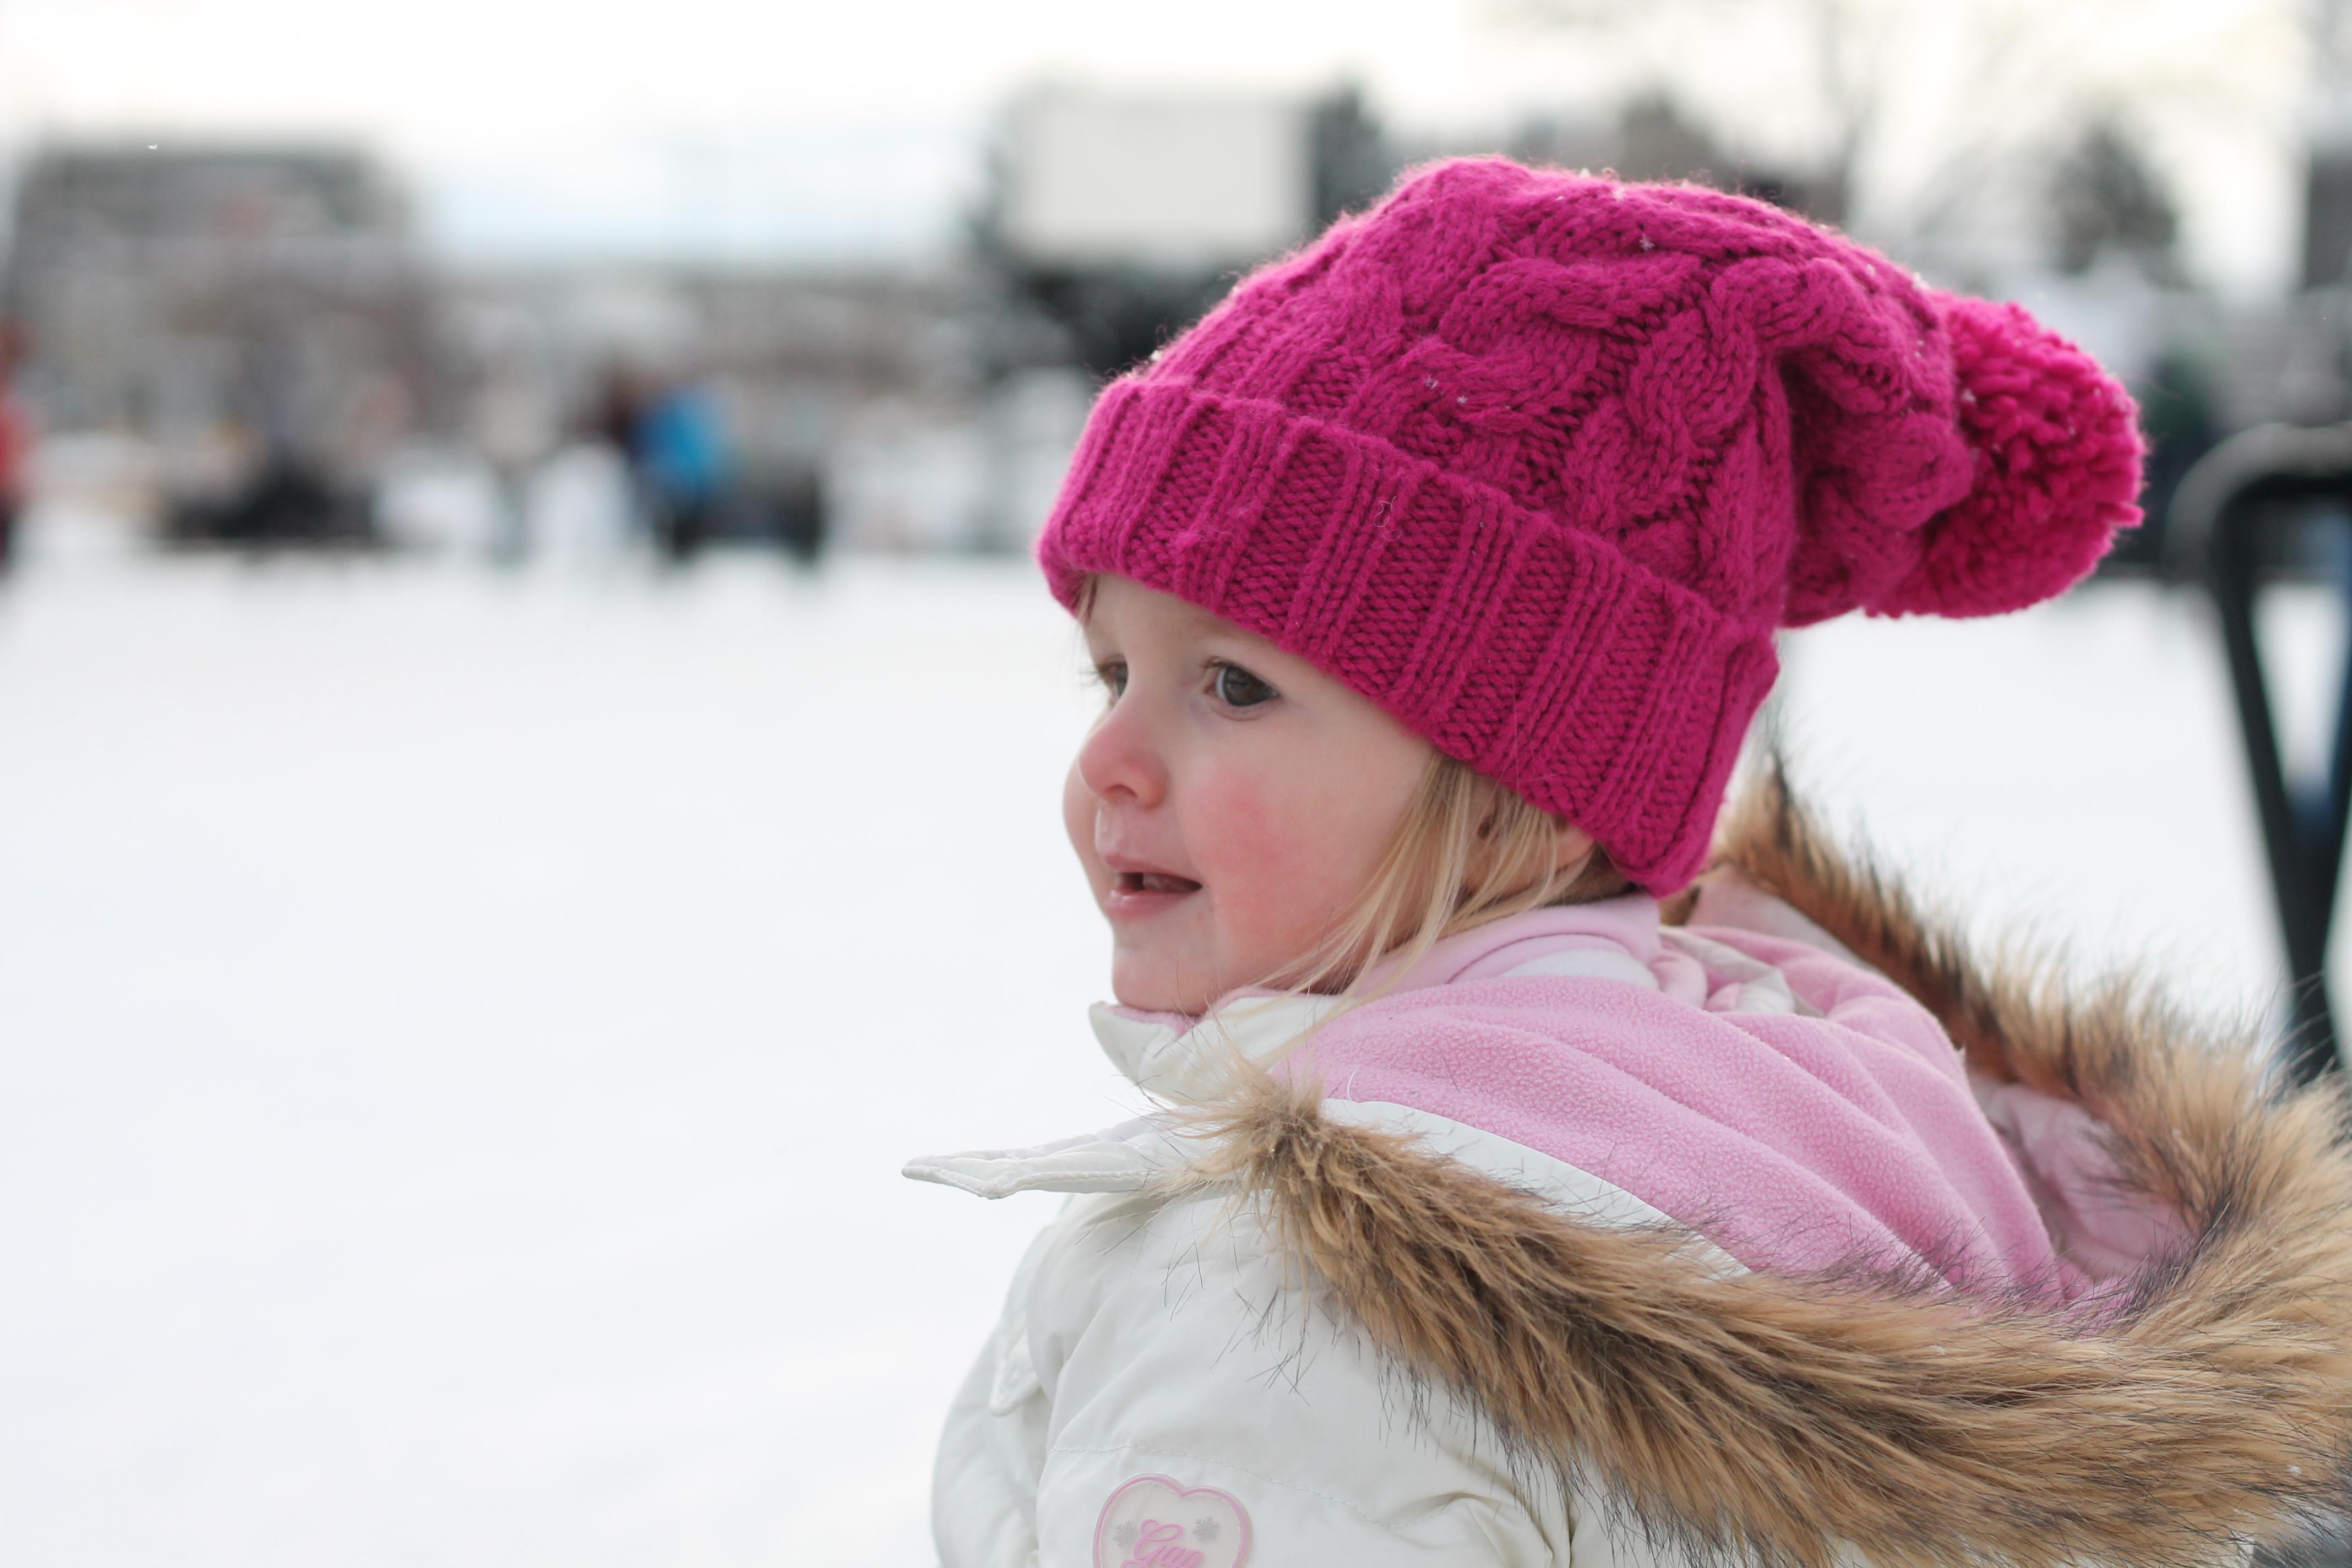 Outdoor Skating in Kelowna